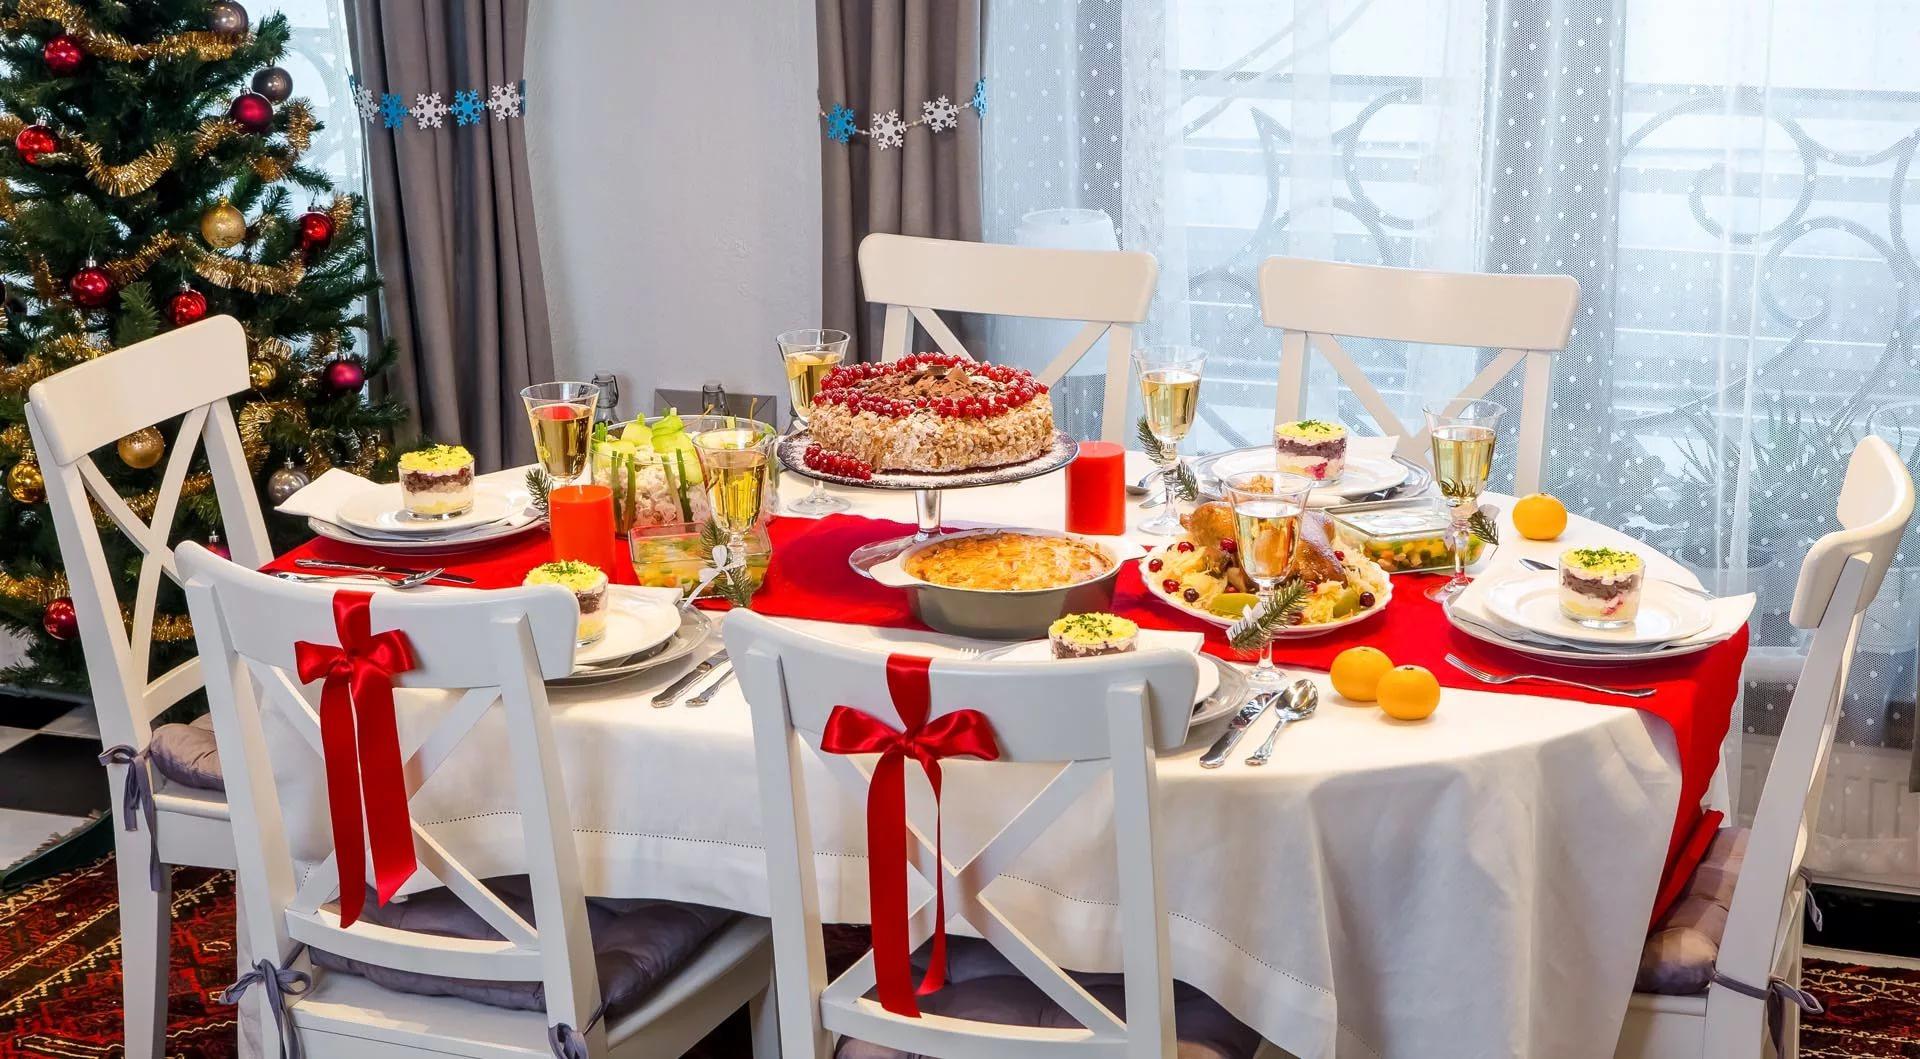 Новогодний стол 2019: что приготовить на Новый год, рецепты с фото в 2019 году